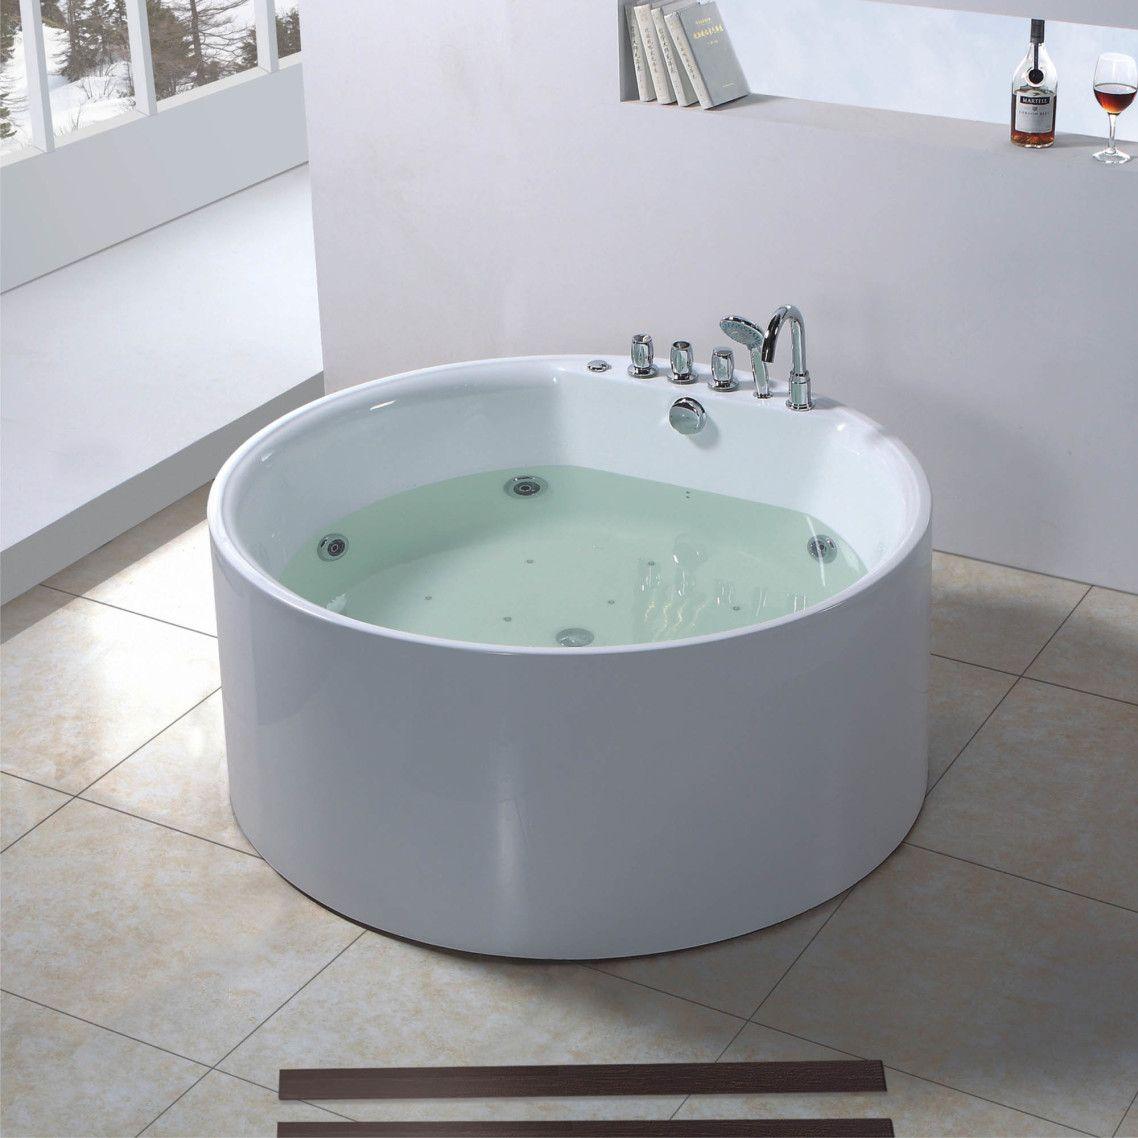 Baths For Sale Cool Round White Walk In Baths Jacuzzi Bathtub On ...